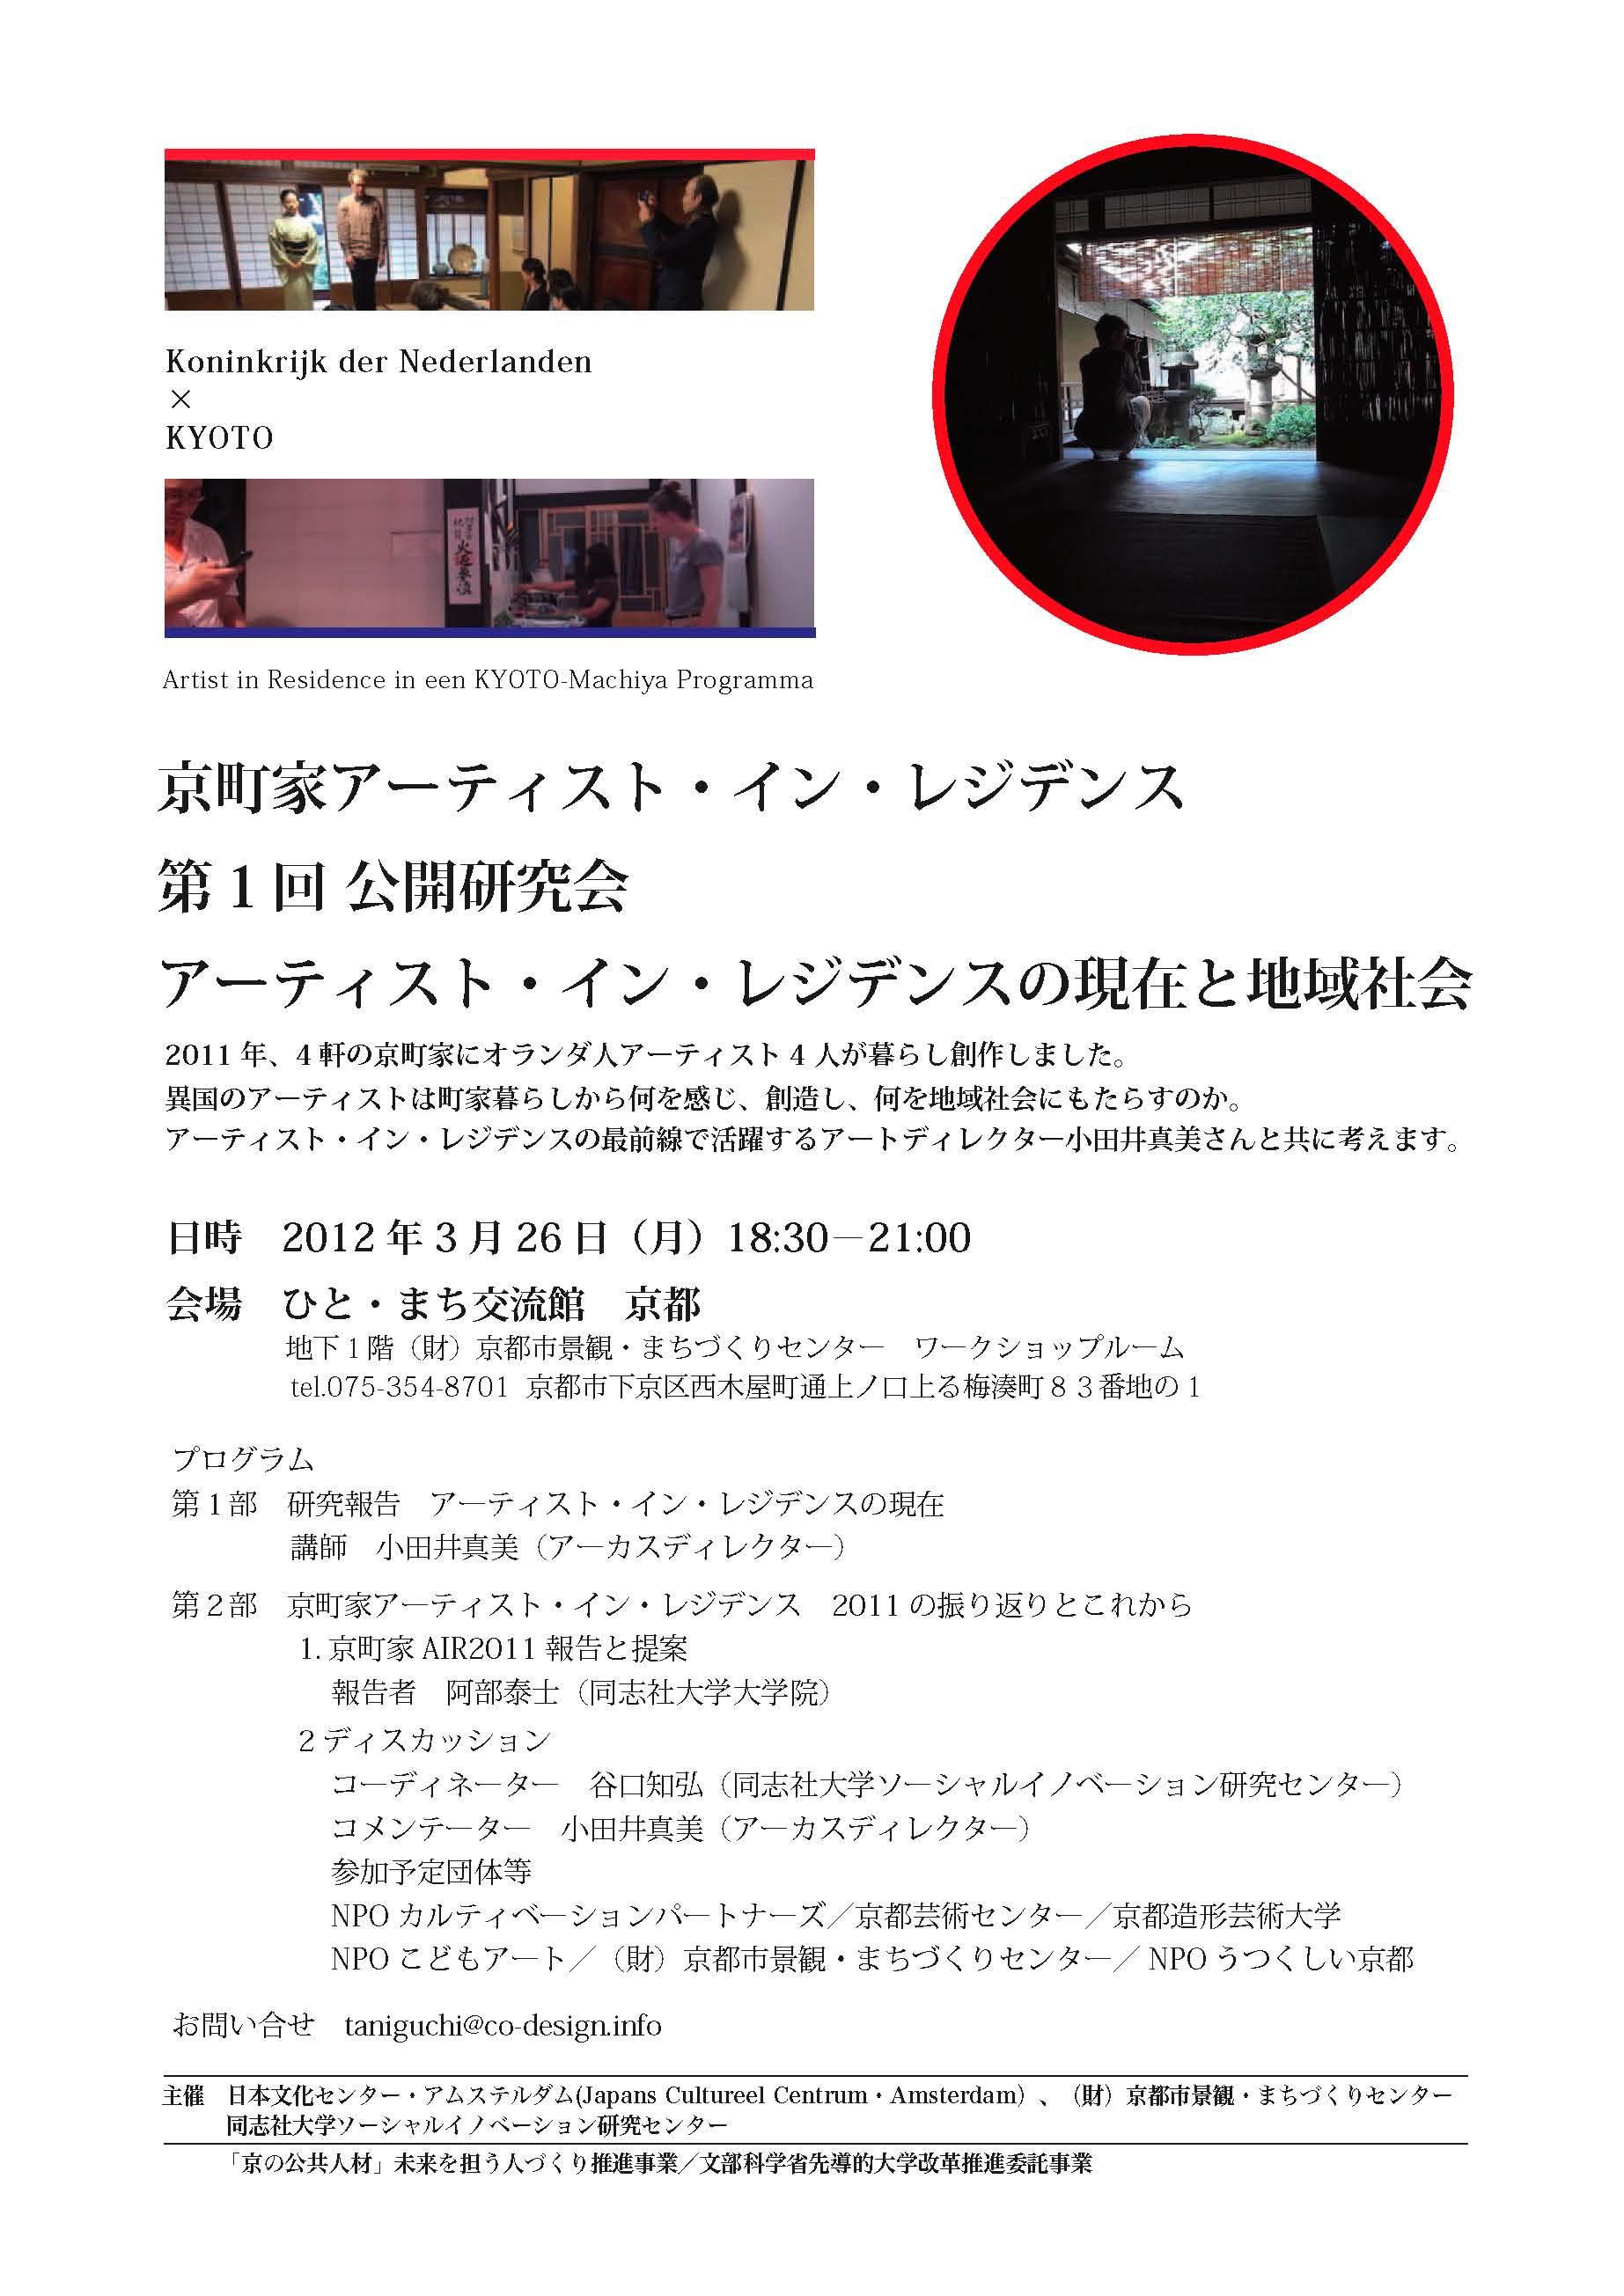 【イベント】アーカスについて@京都_a0216706_17404420.jpg